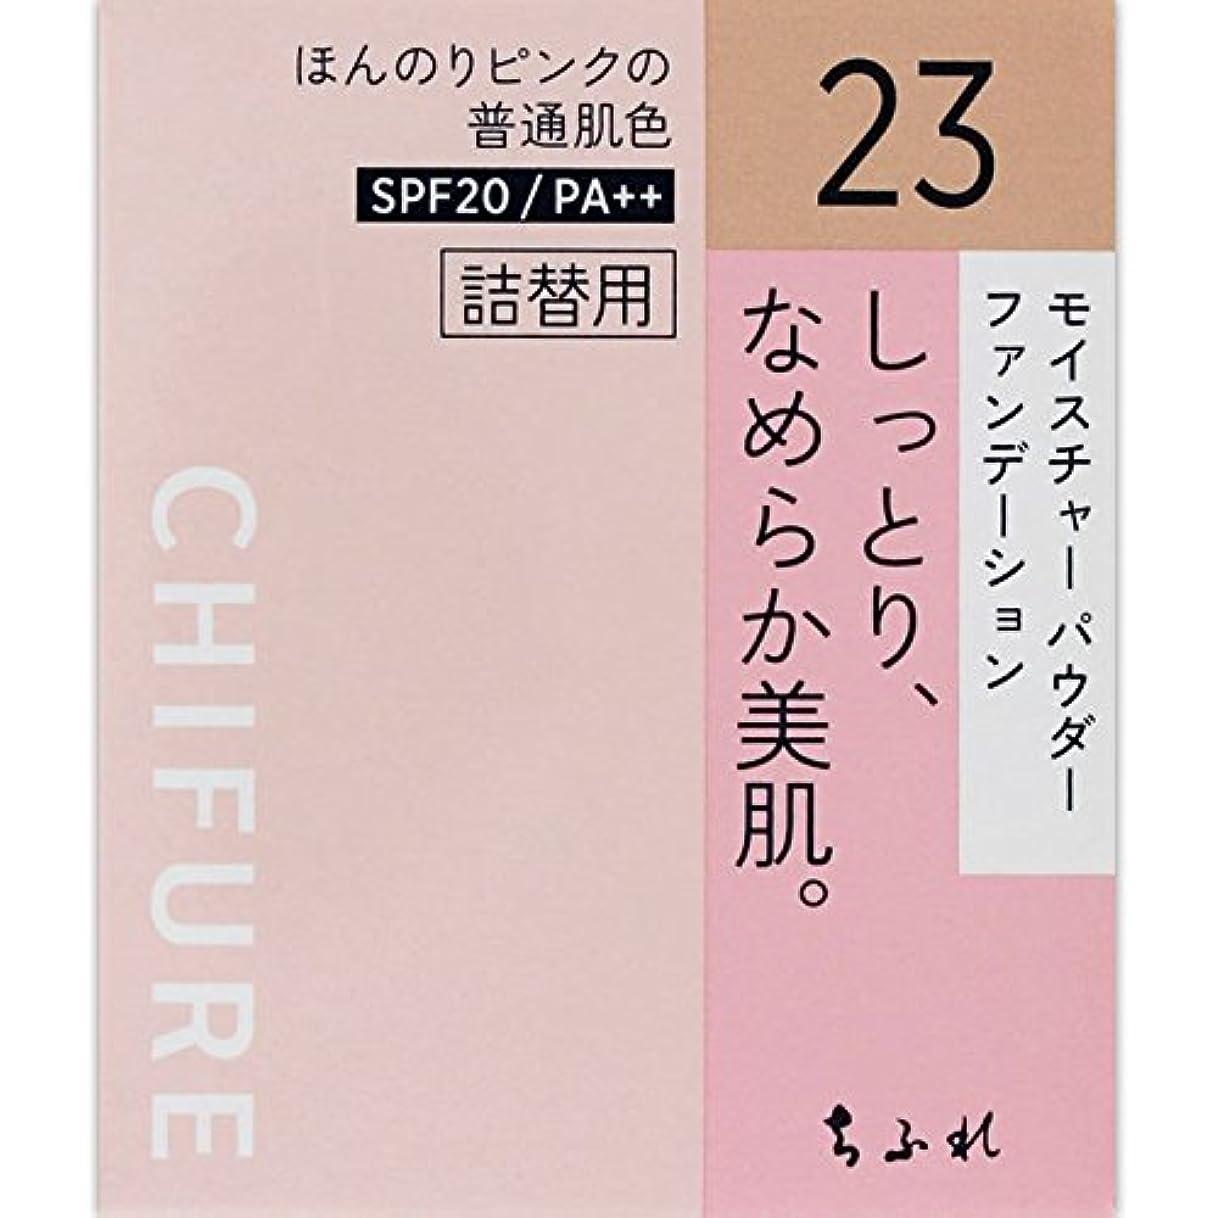 早熟船形チーズちふれ化粧品 モイスチャー パウダーファンデーション 詰替用 ピンクオークル系 MパウダーFD詰替用23